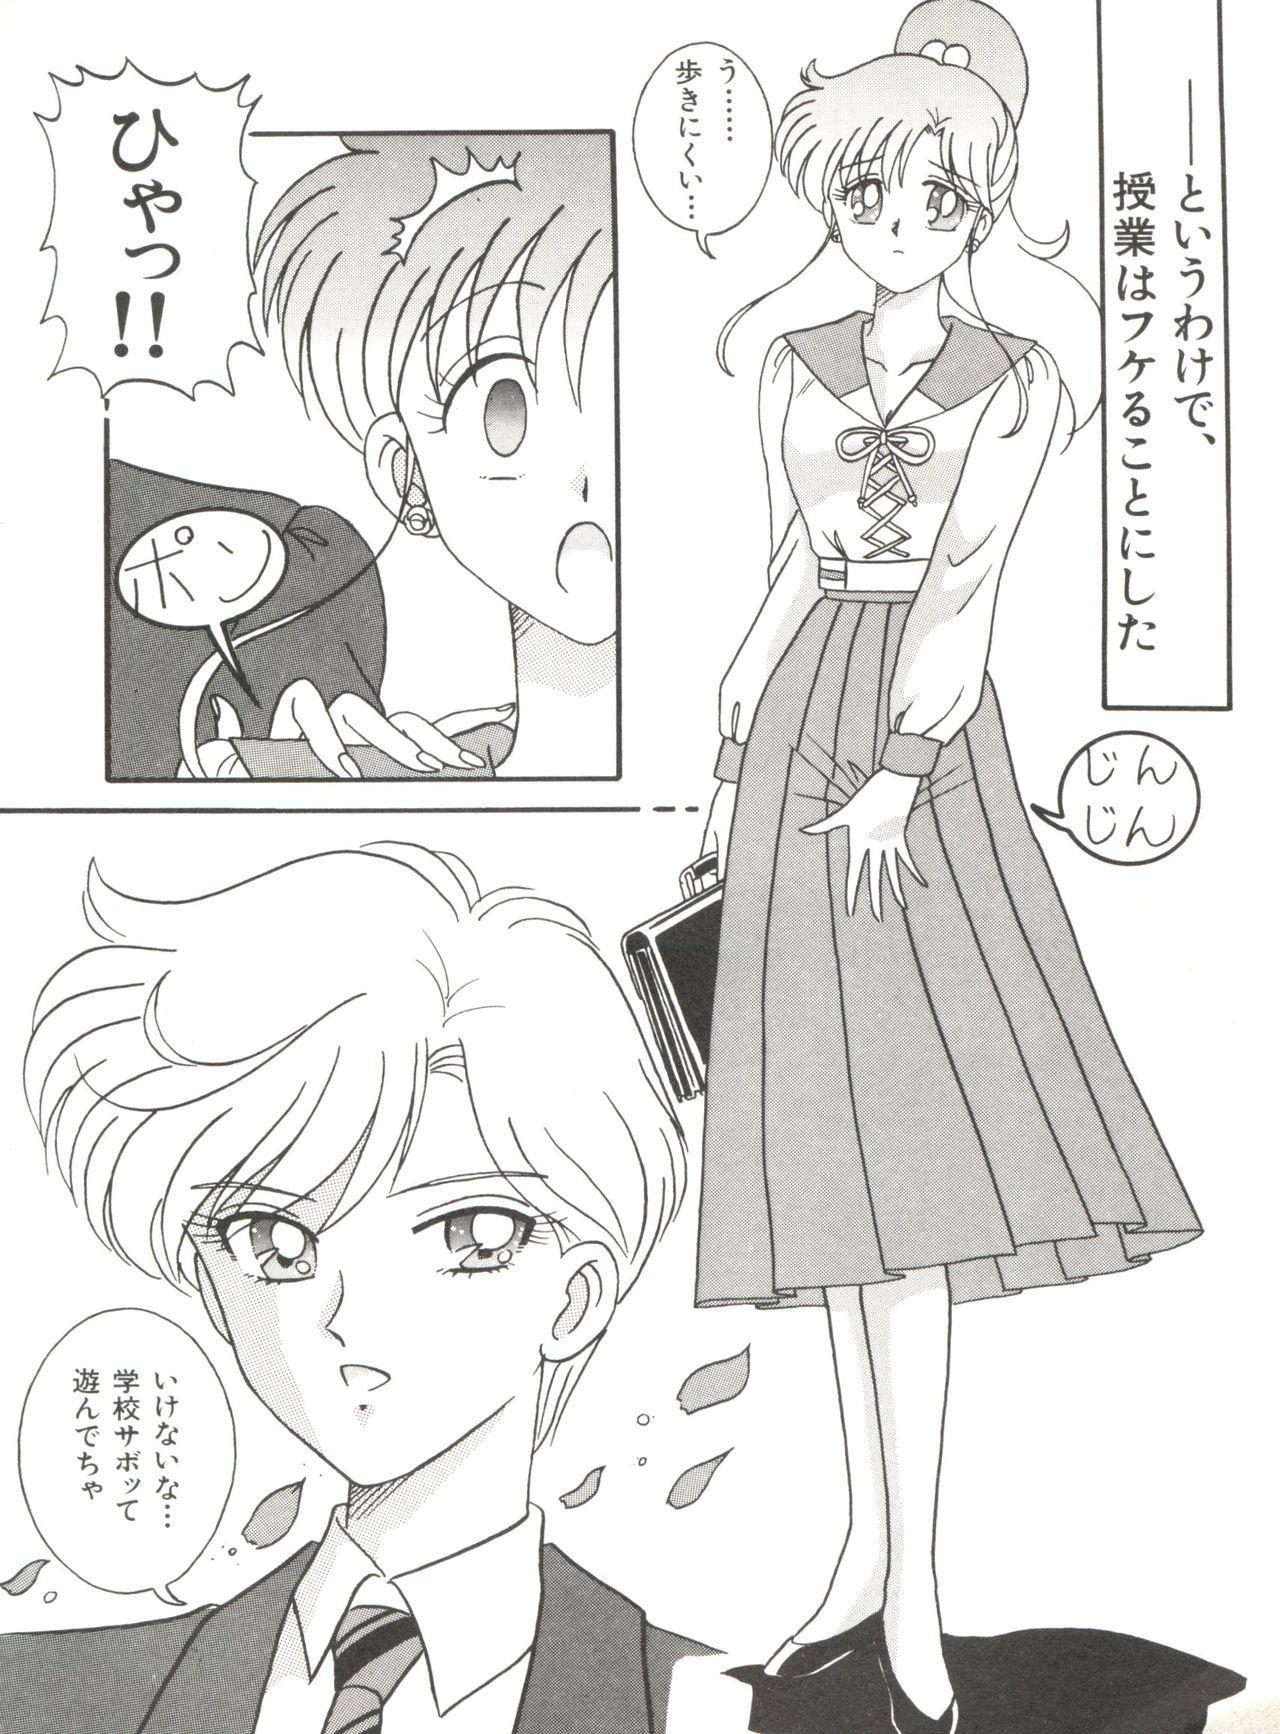 Bishoujo Doujinshi Anthology 12 - Moon Paradise 7 Tsuki no Rakuen 96